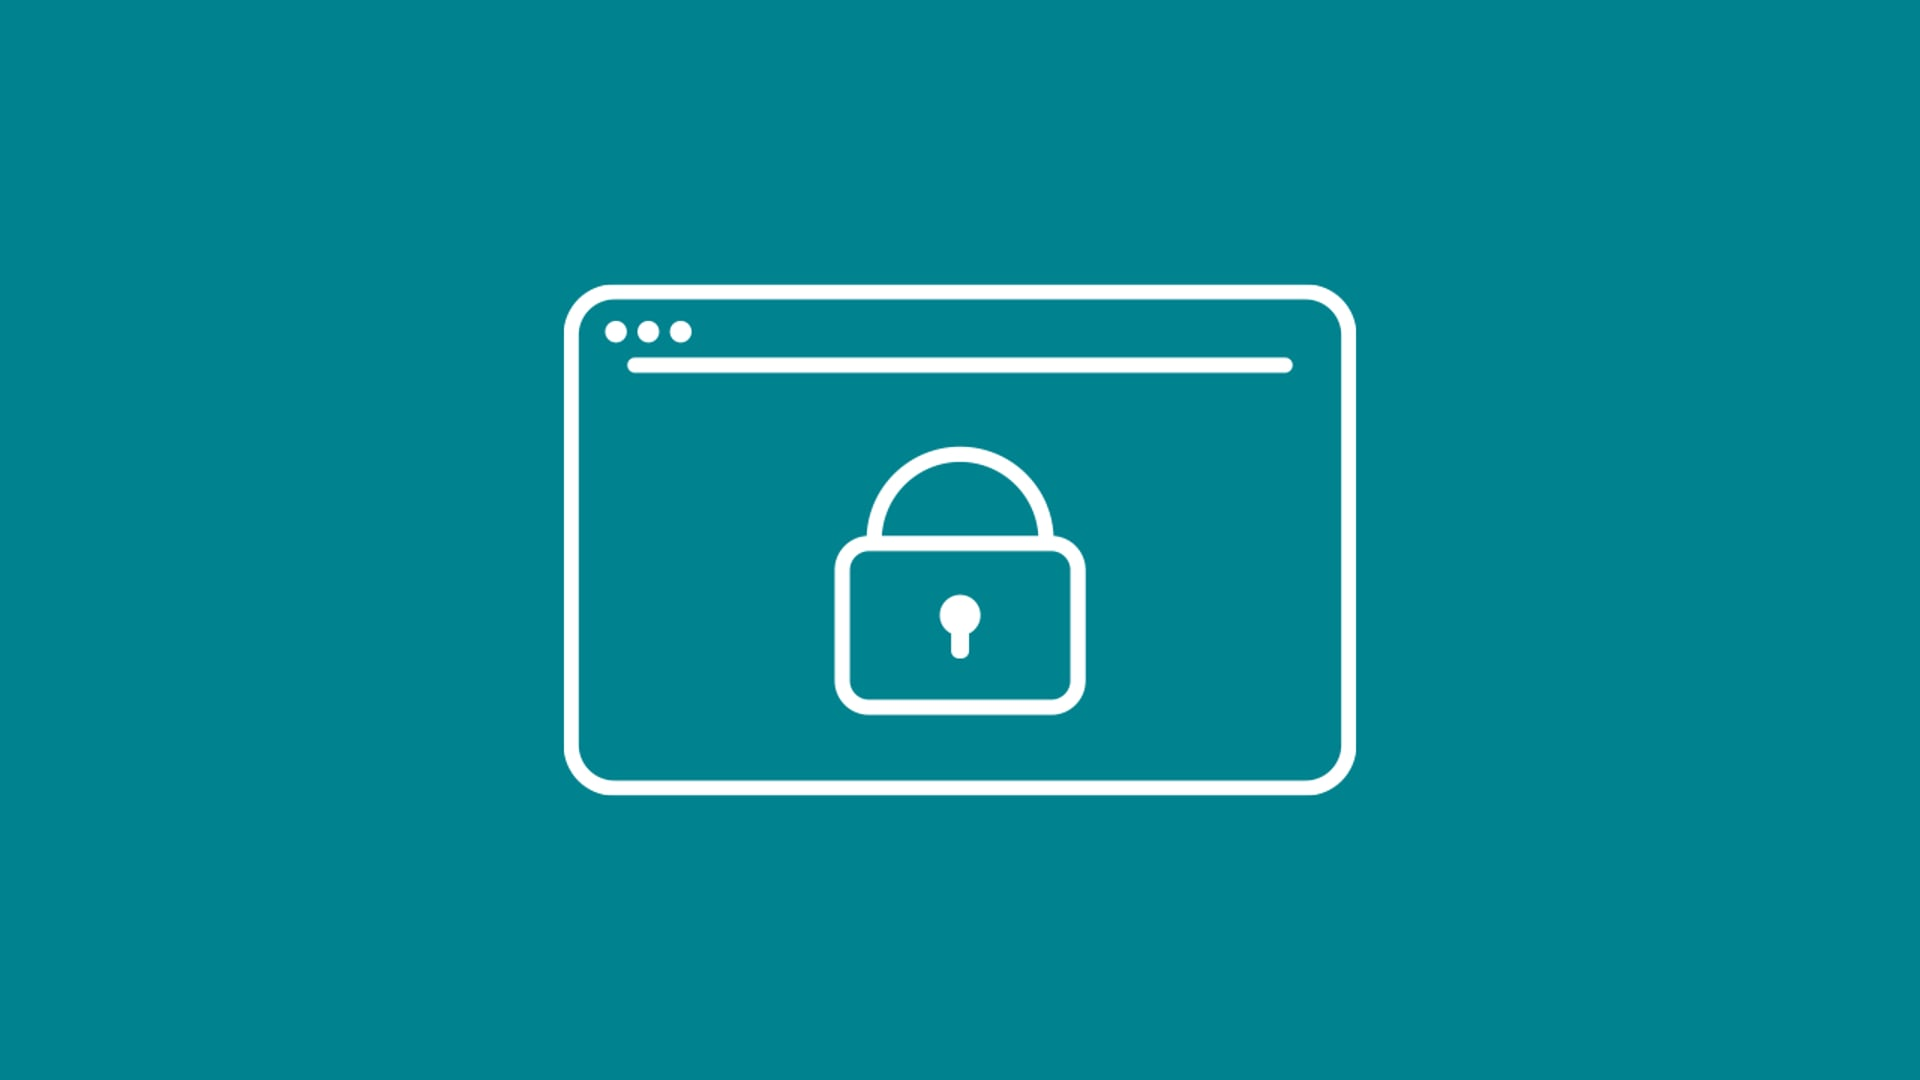 Apprenez à naviguer en sécurité sur Internet